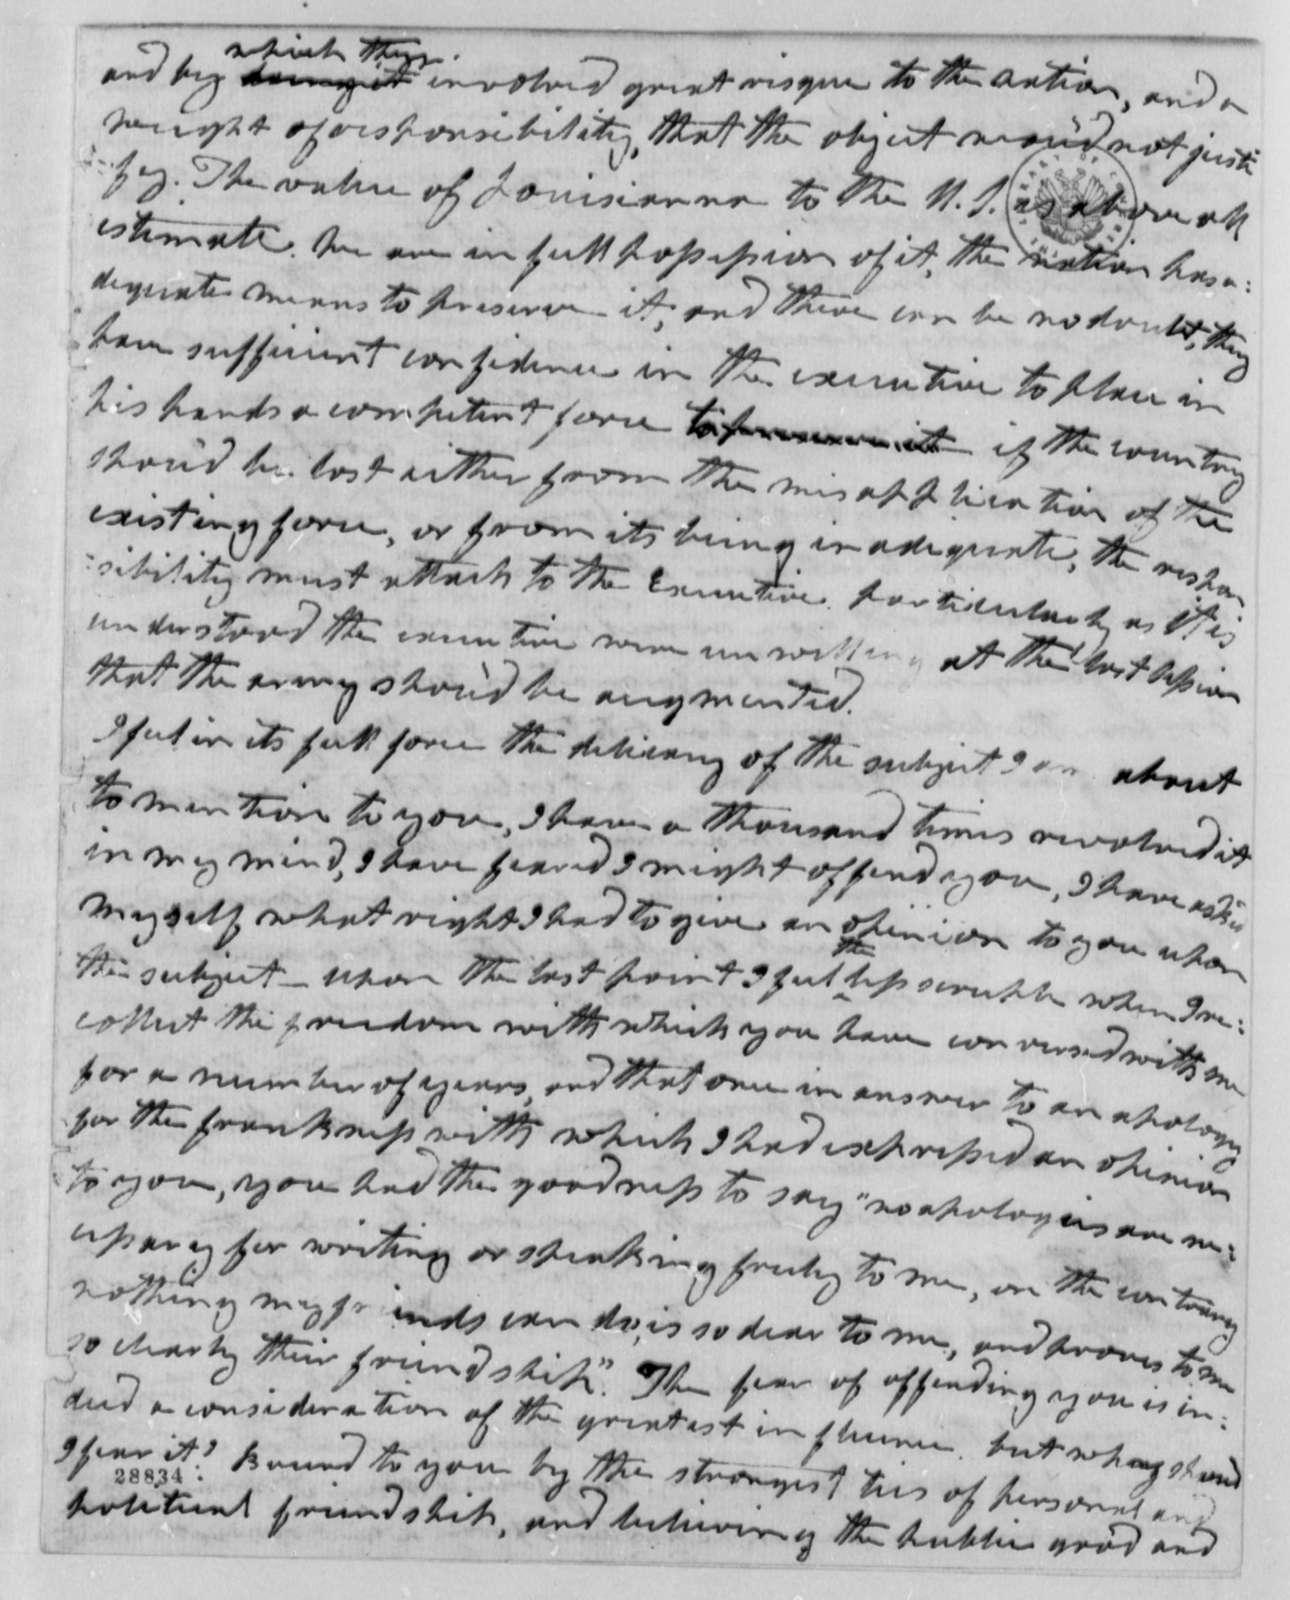 Wilson Cary Nicholas to Thomas Jefferson, January 20, 1807